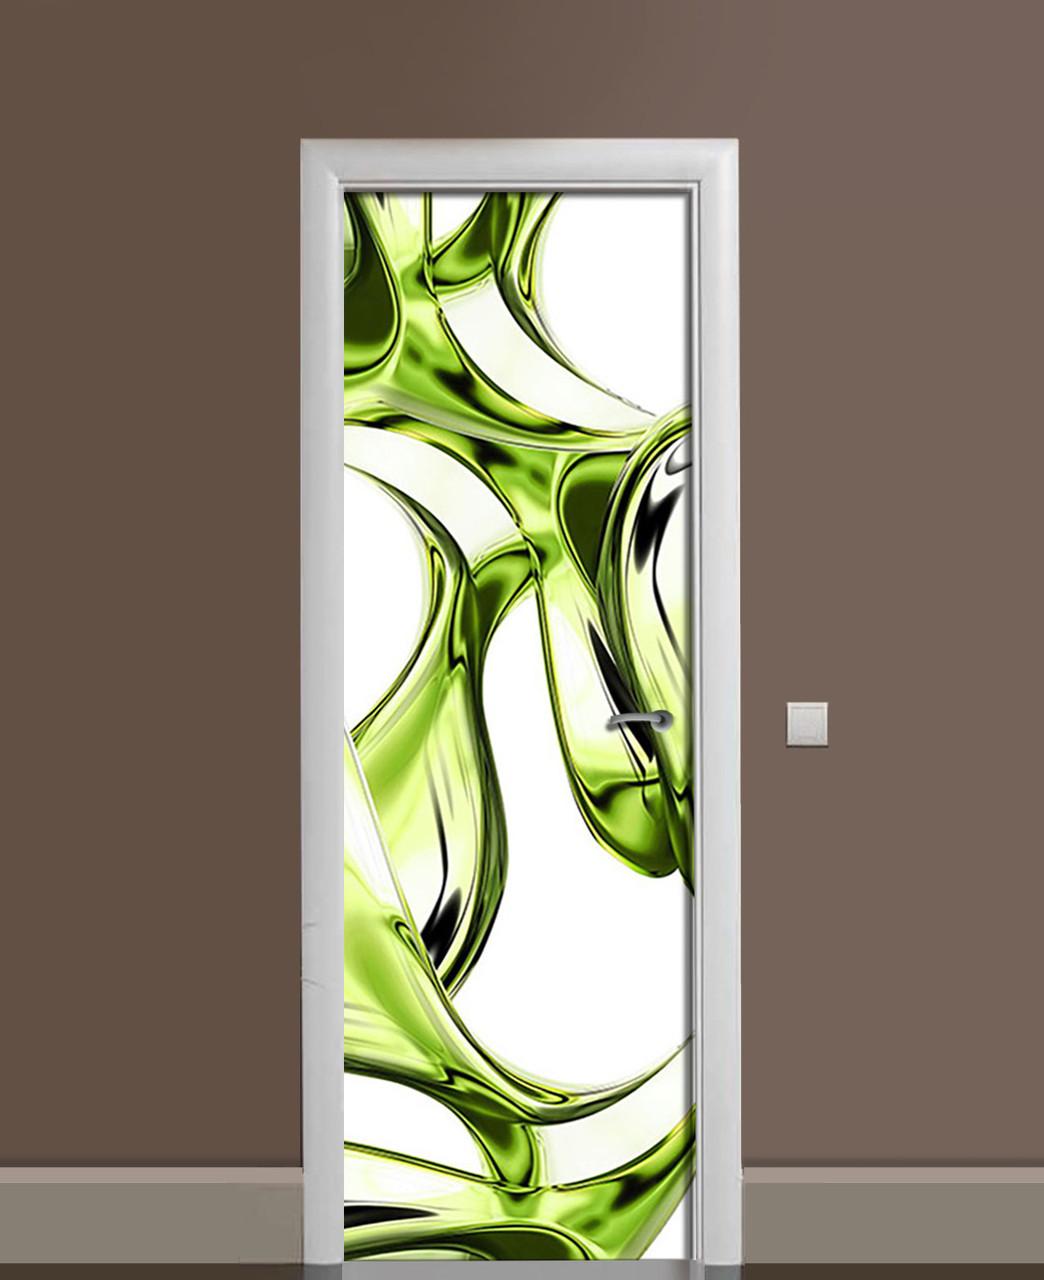 Декор двери Наклейка виниловая Бутылочное стекло Линии ПВХ пленка с ламинацией 65*200см Абстракции Зелёный